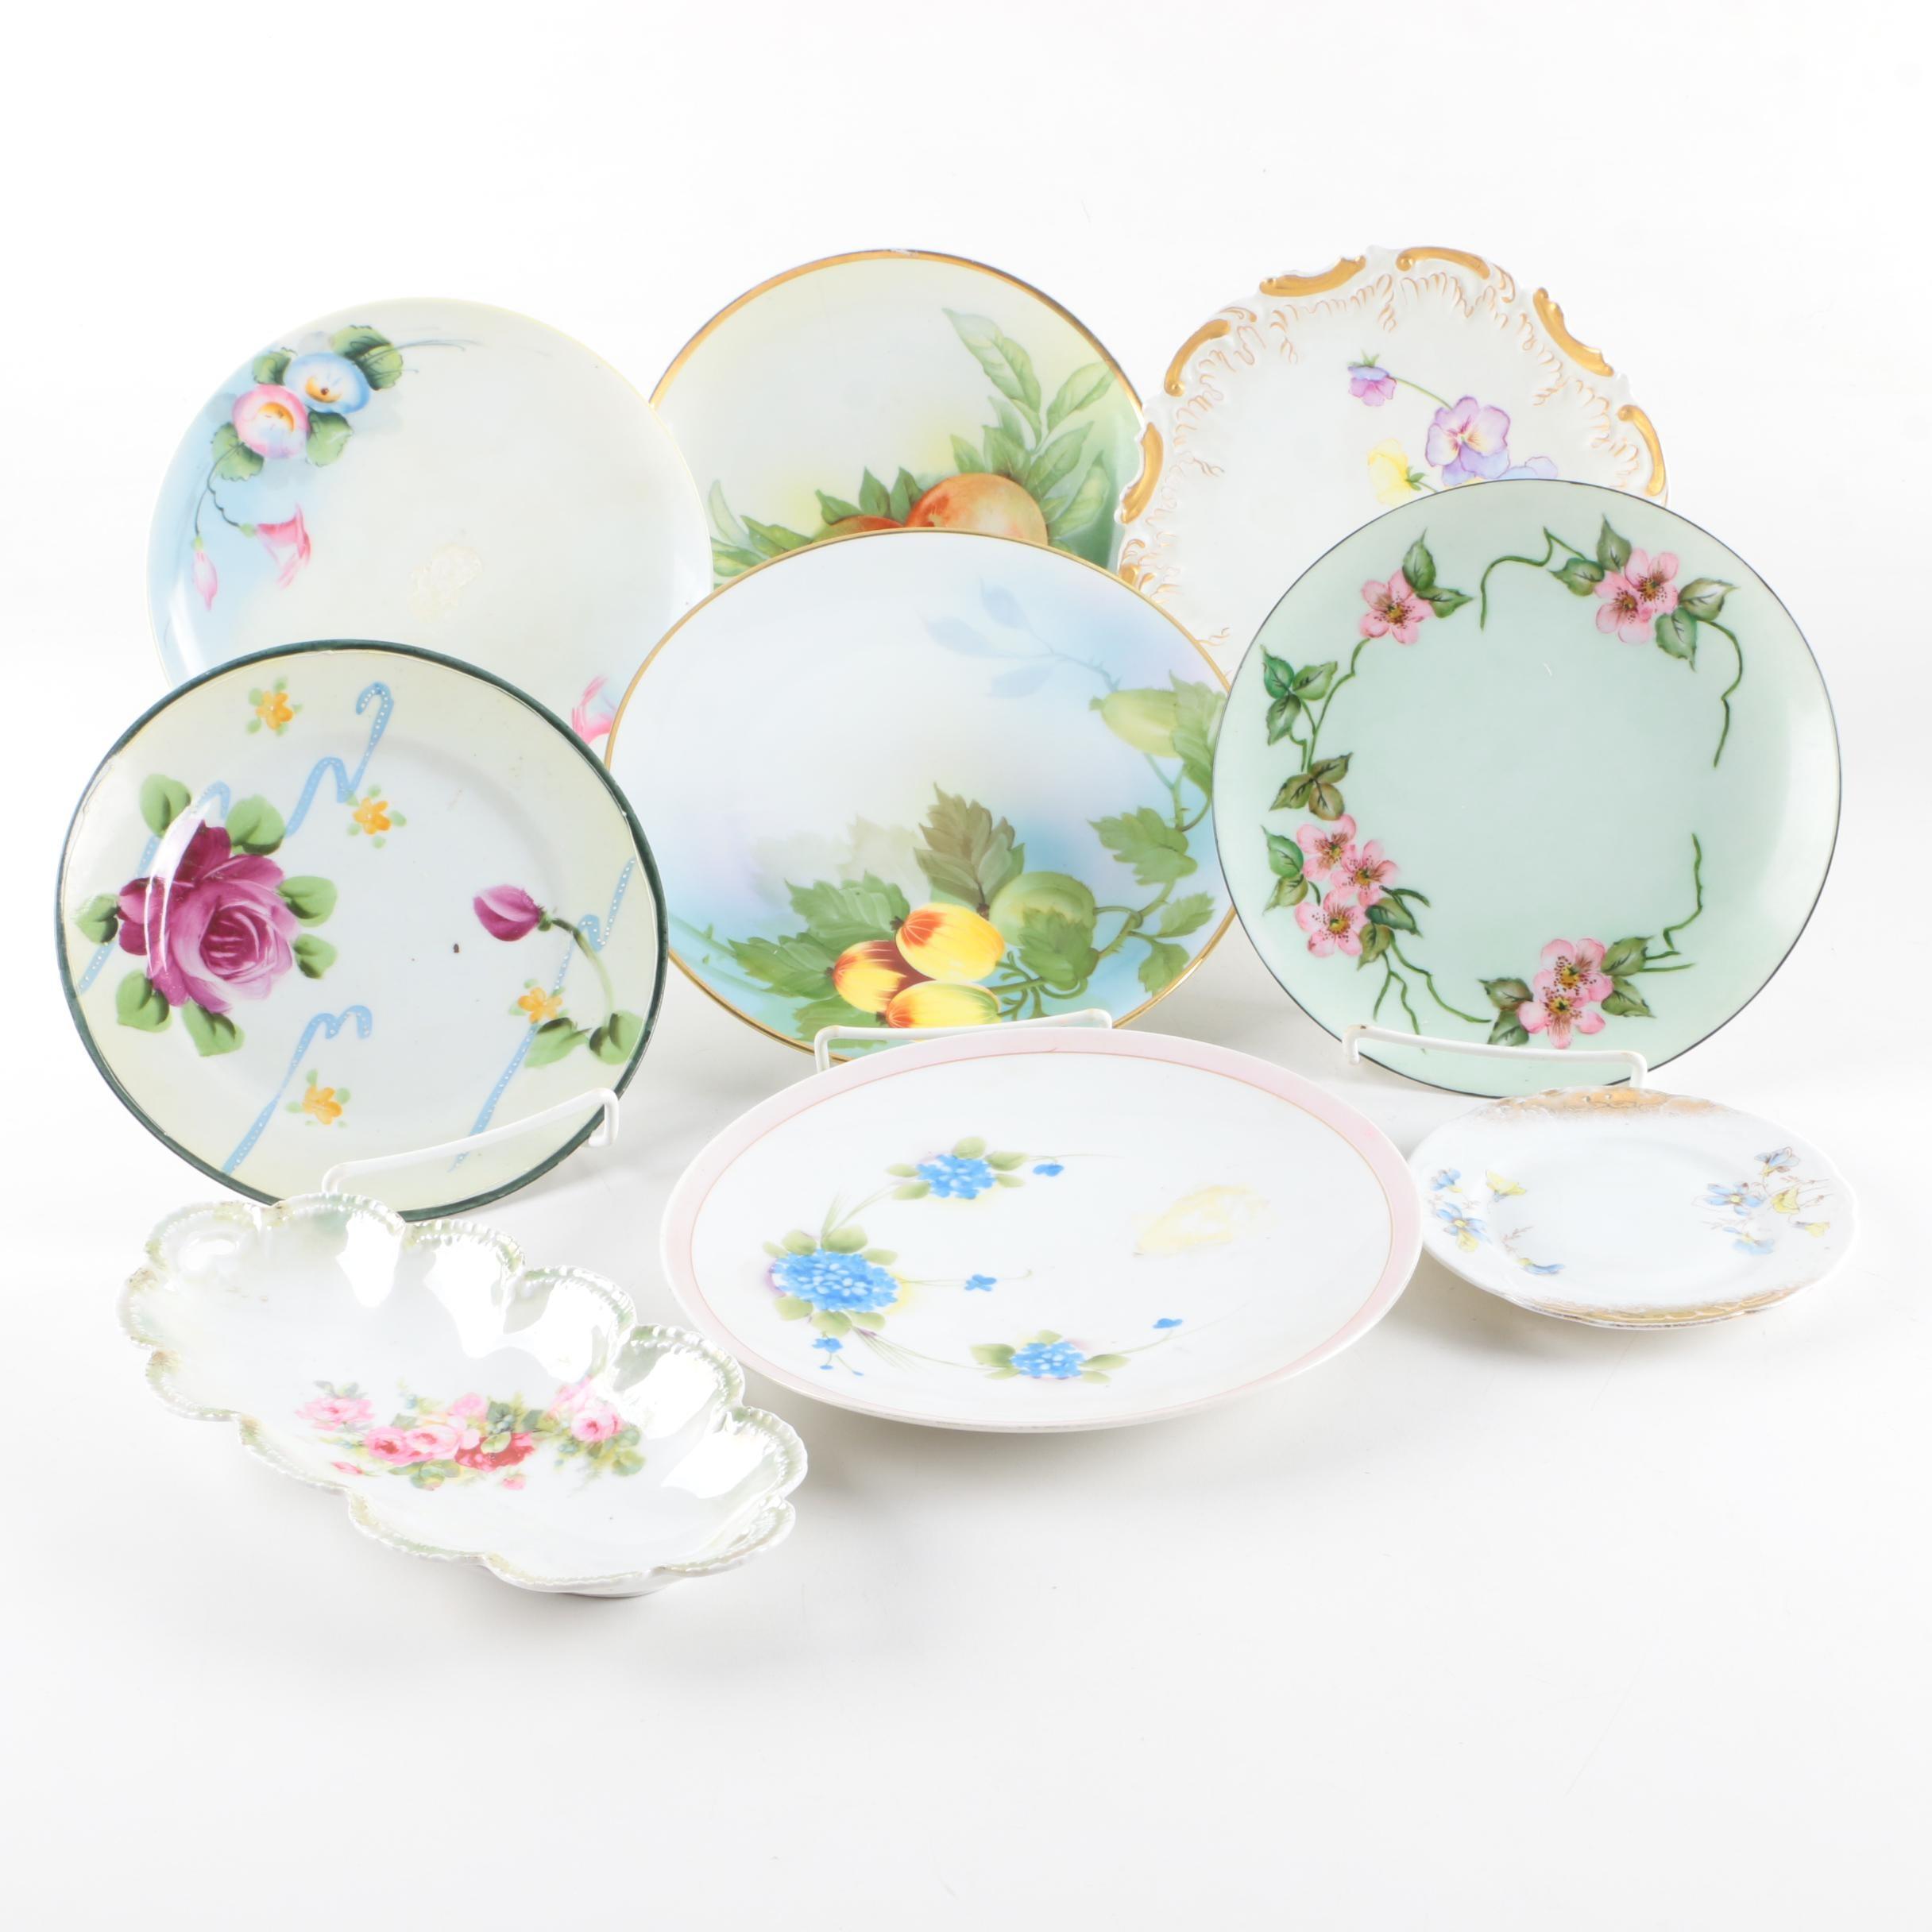 Antique and Vintage Porcelain Tableware Including Noritake